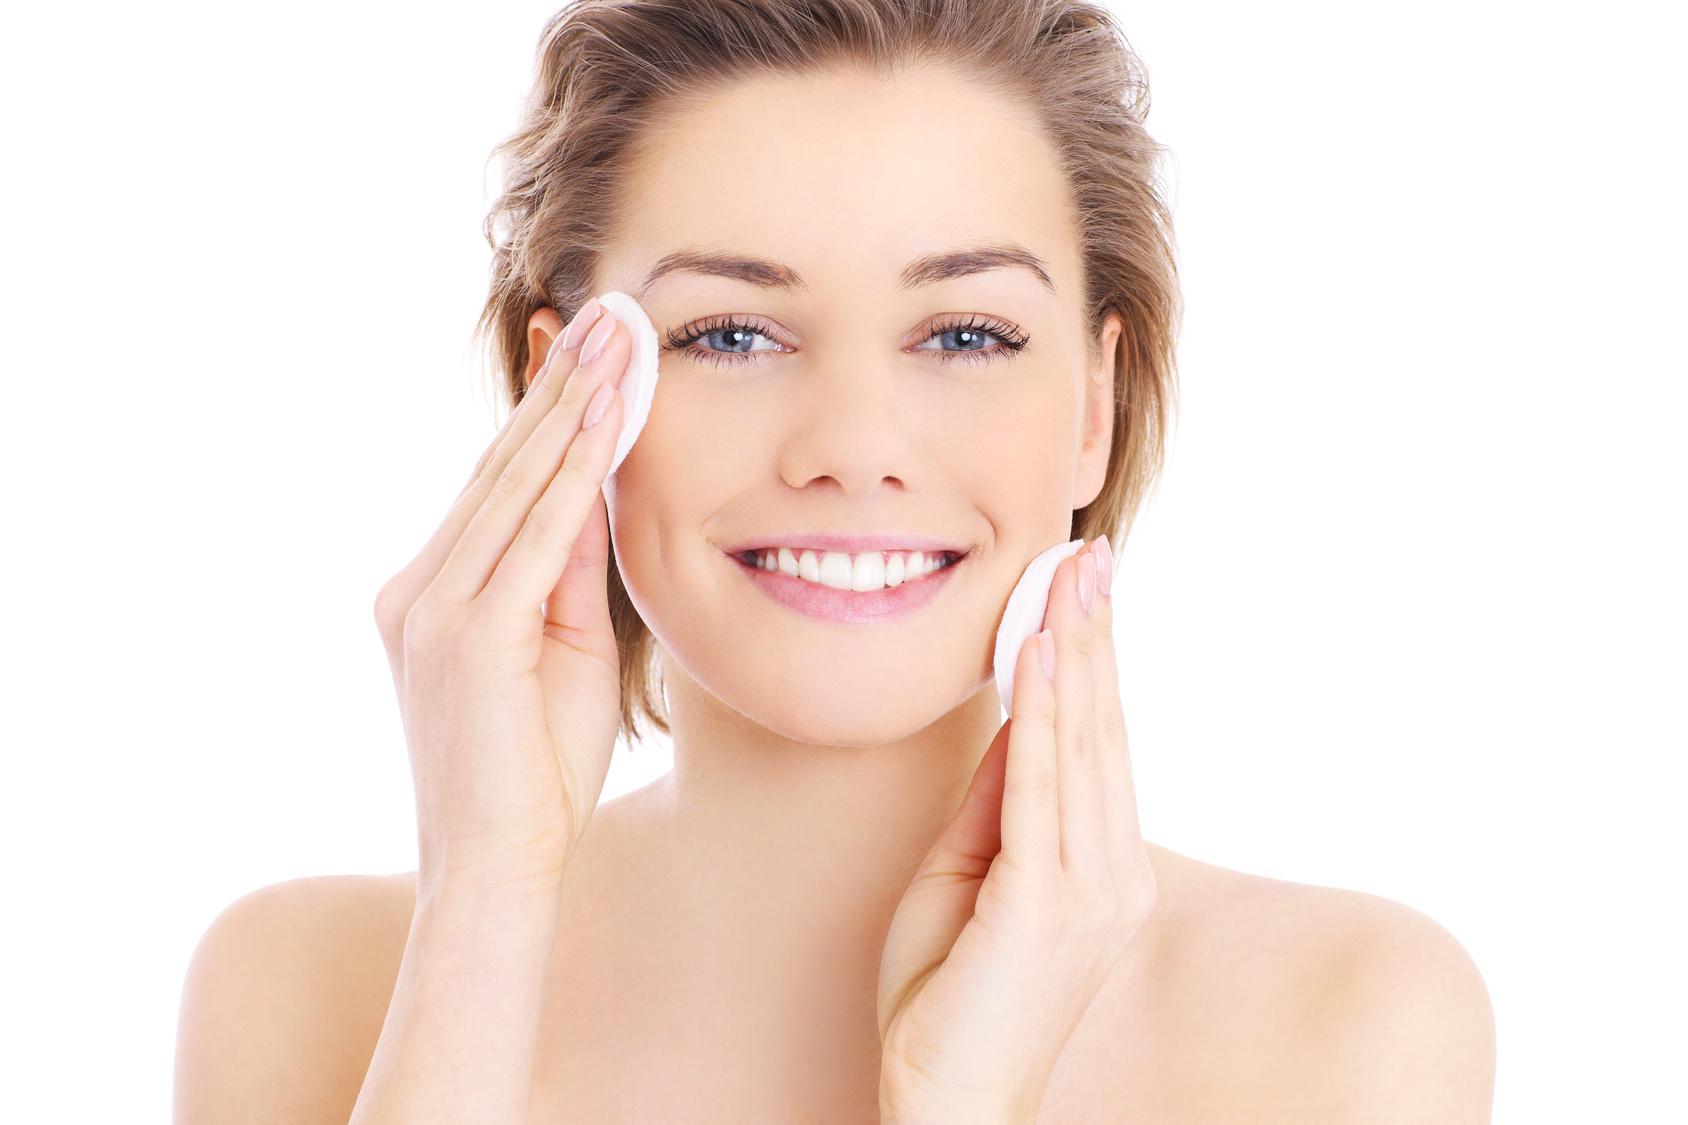 La pulizia del viso: profonda professionale e quotidiana